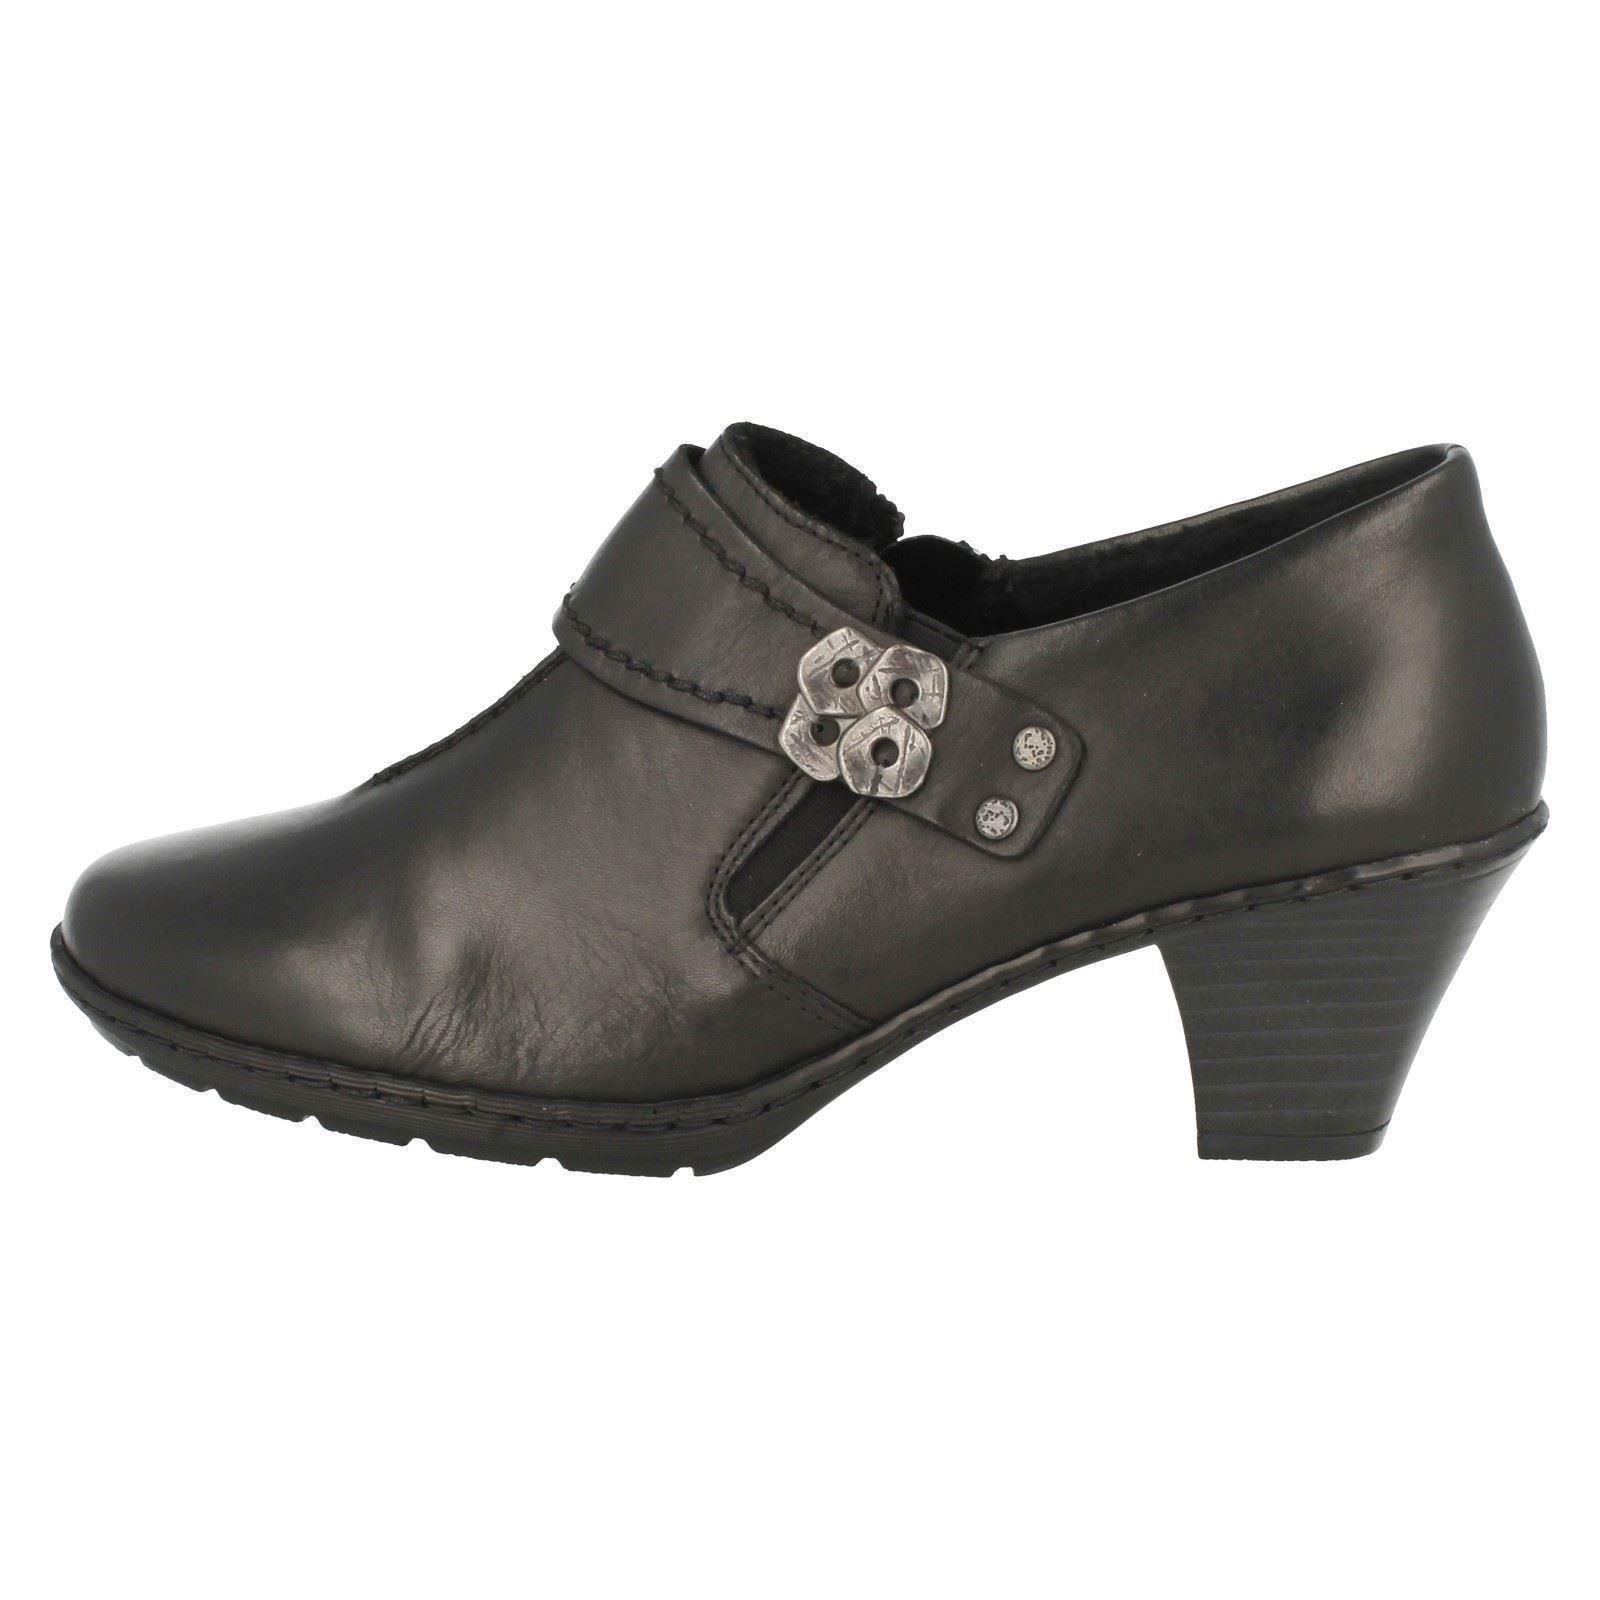 Descuento barato Ladies Rieker Smart Trouser Shoes 57152